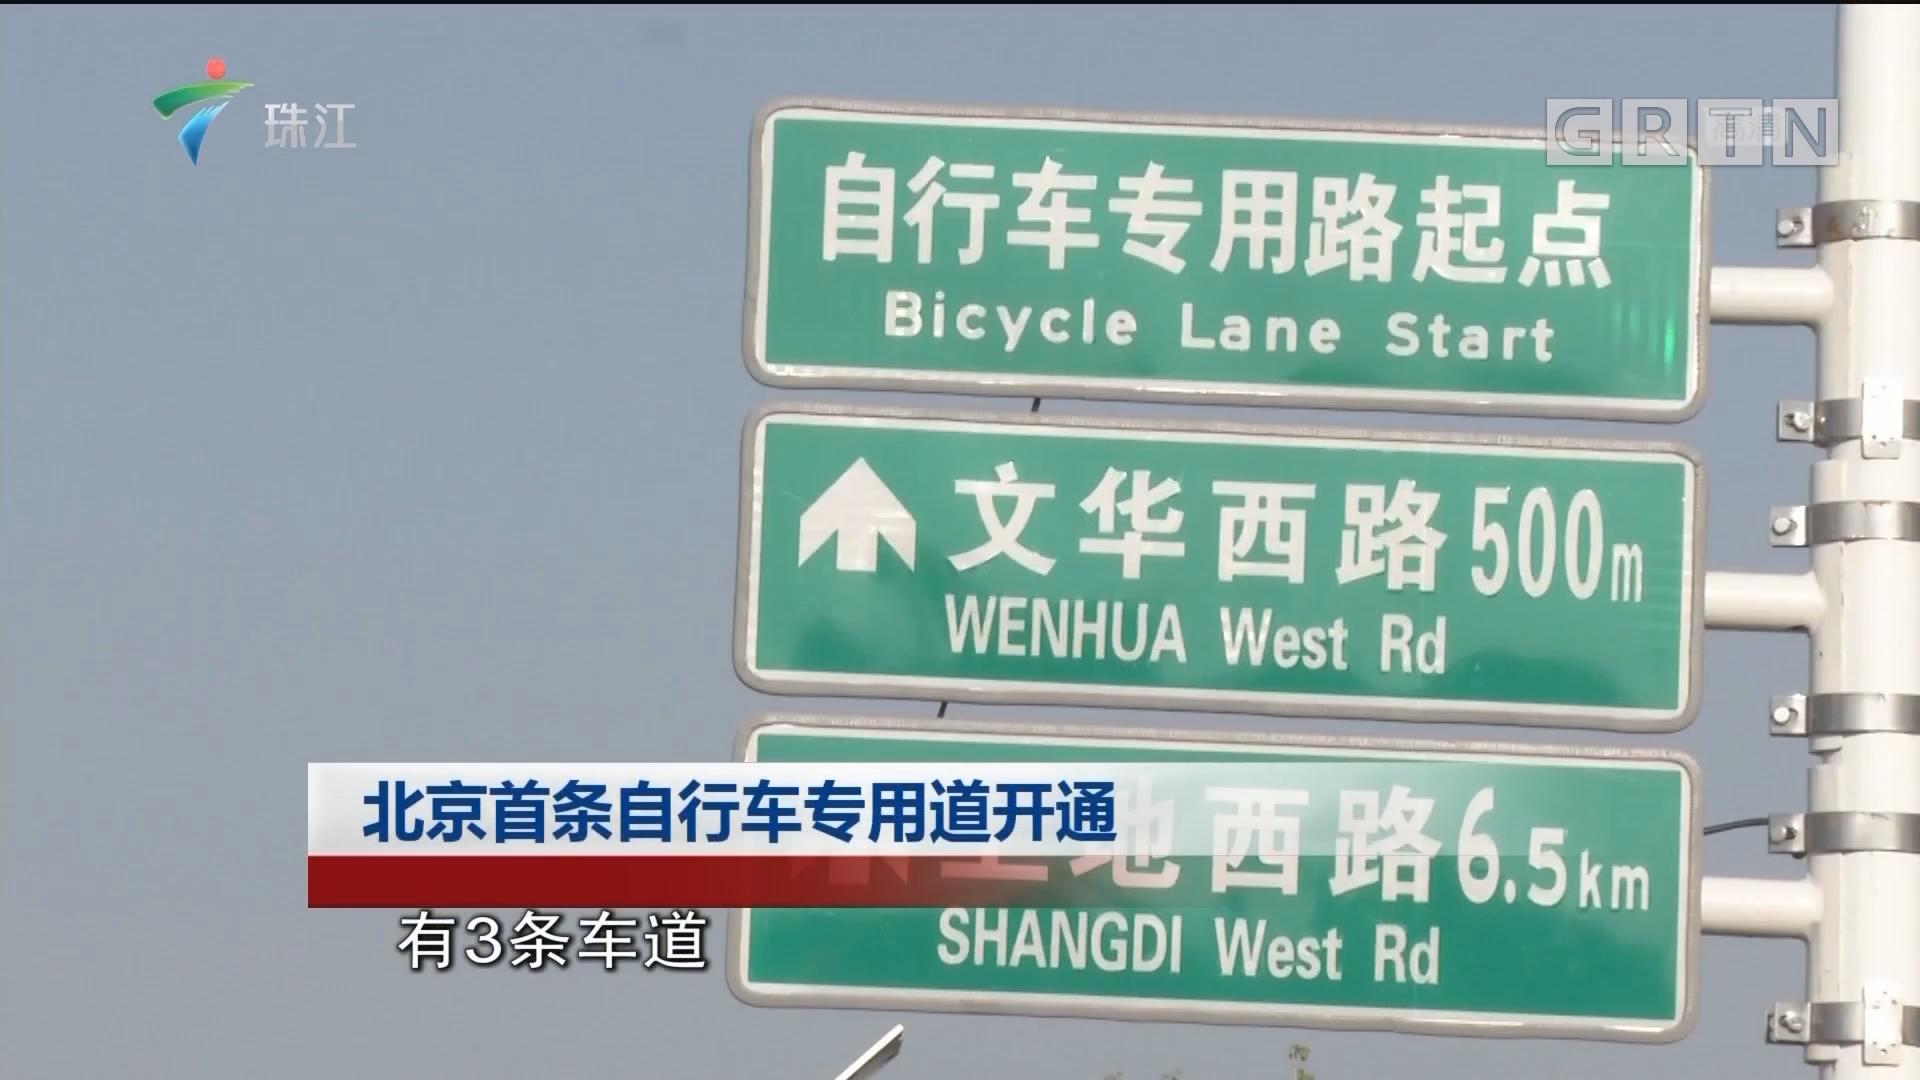 北京首条自行车专用道开通